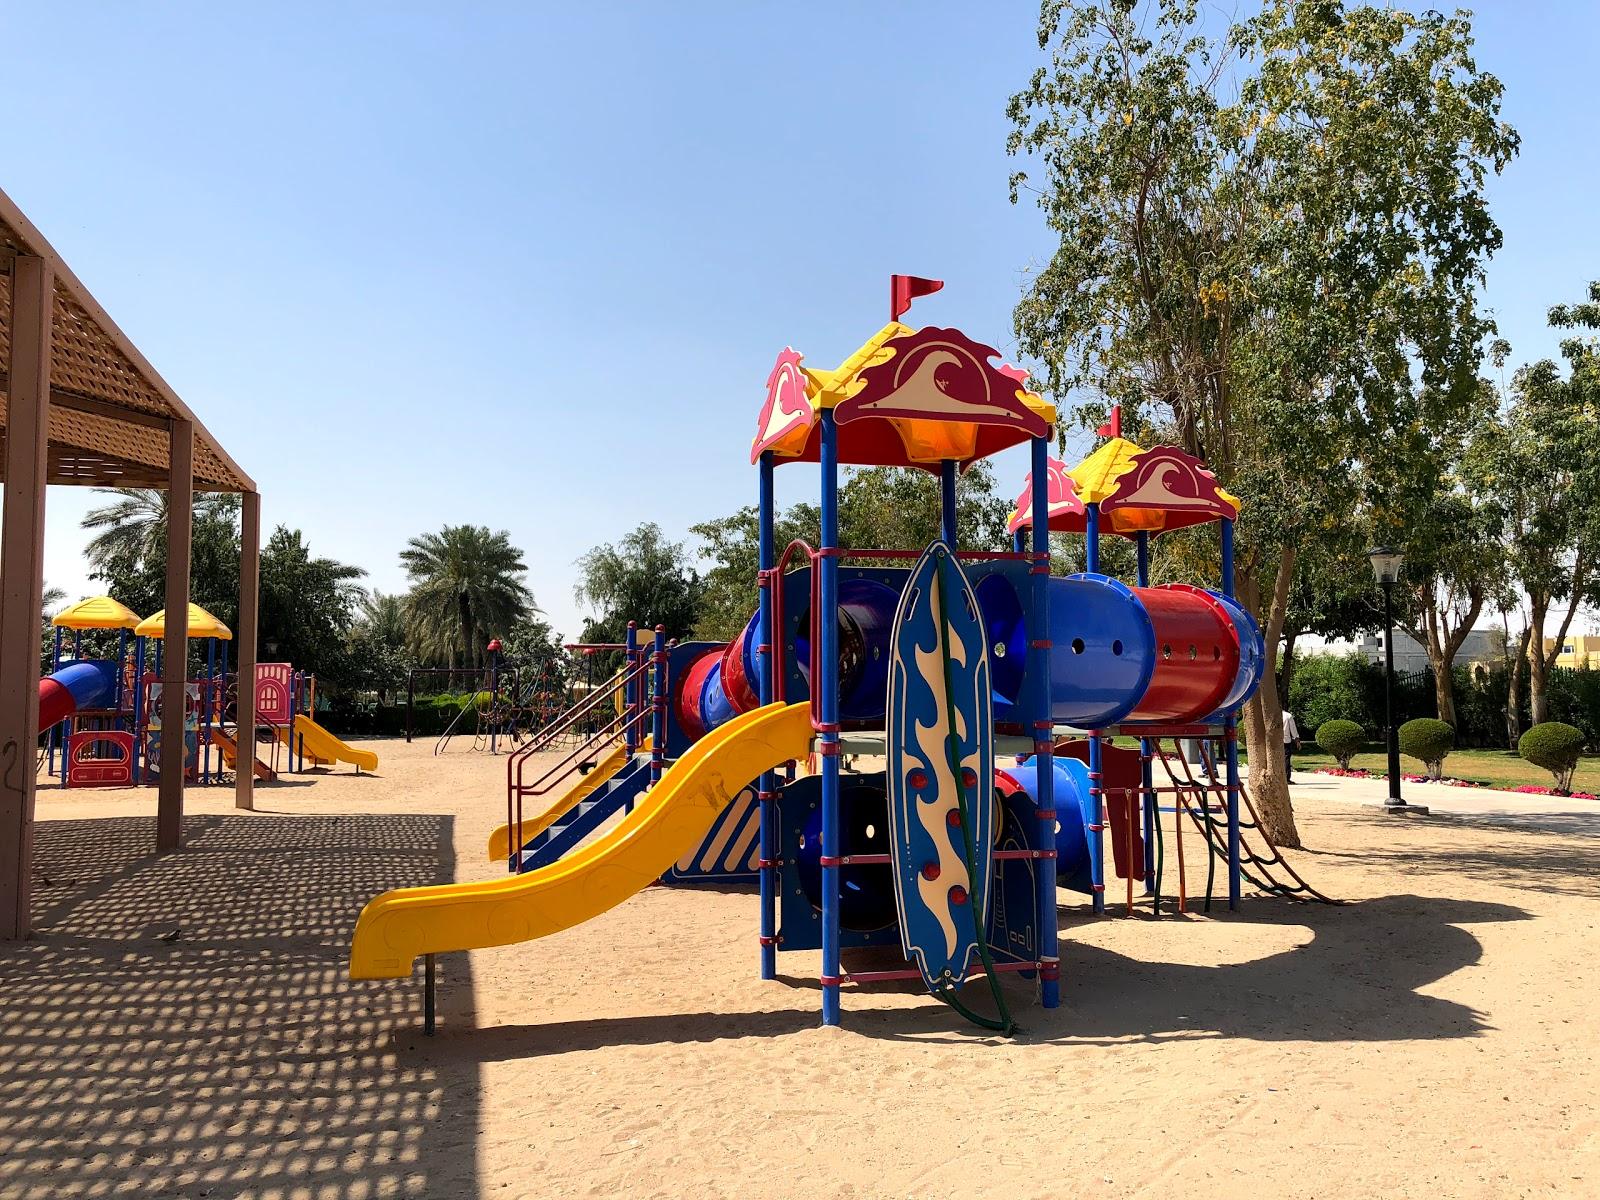 MME announces closure of Al Wakrah Public Park